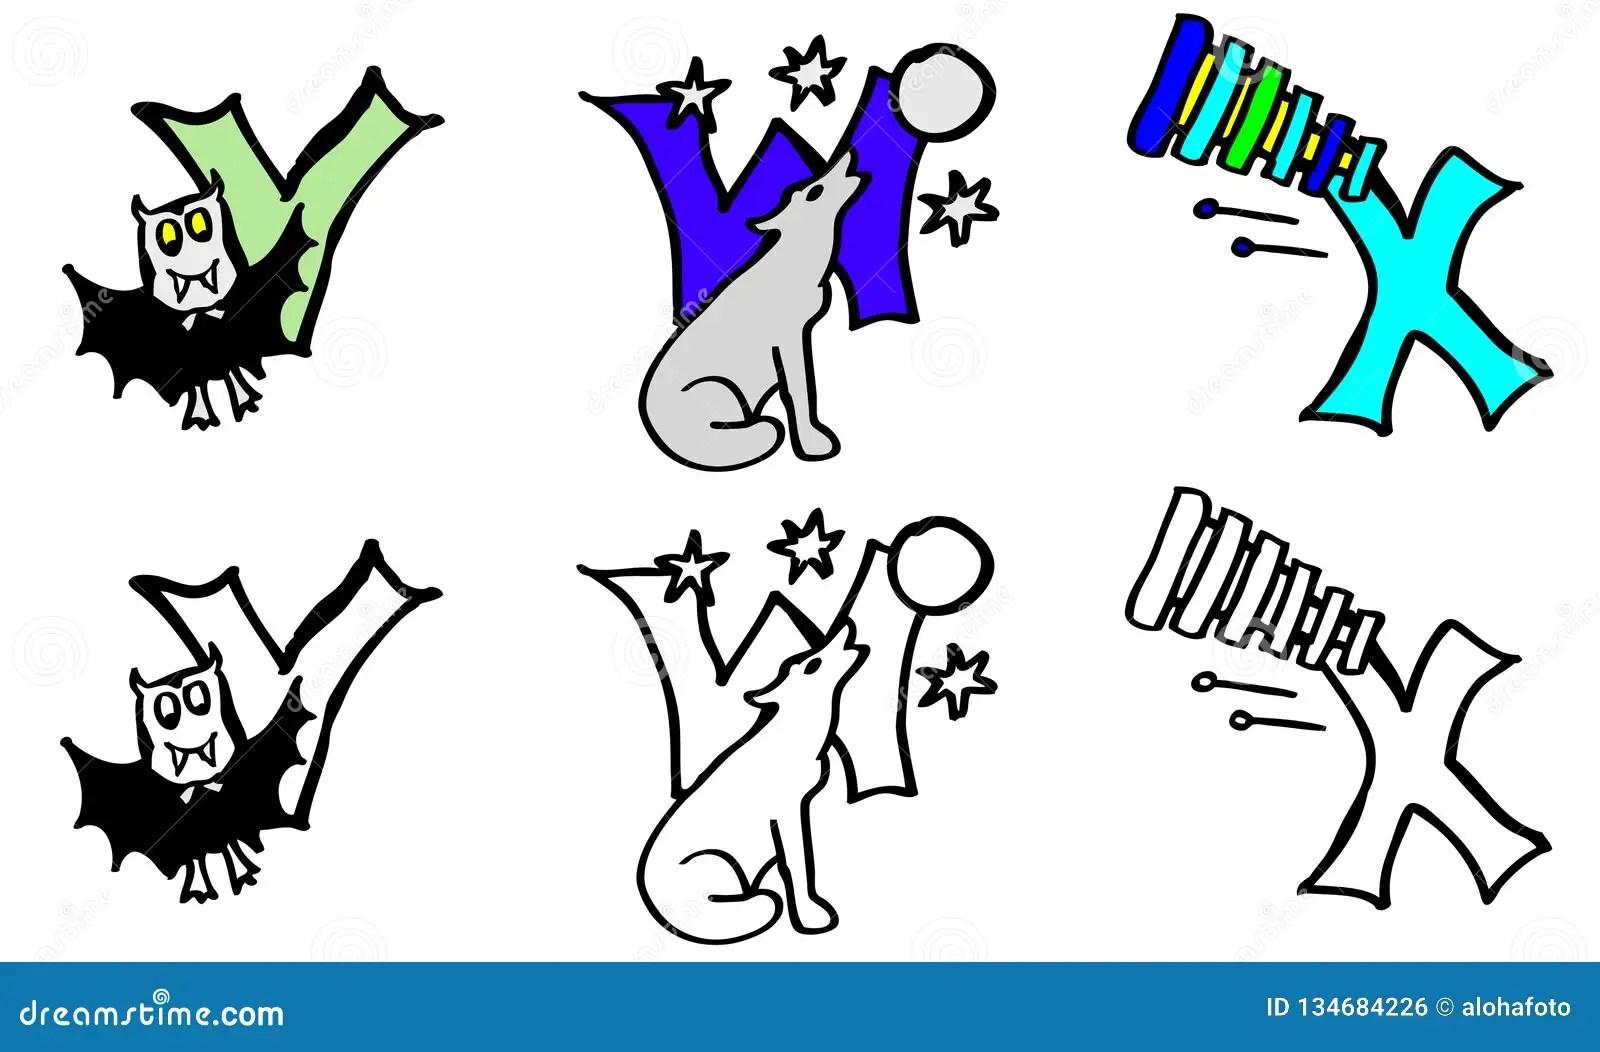 Alphabet Letter V Pictures Vector Illustration